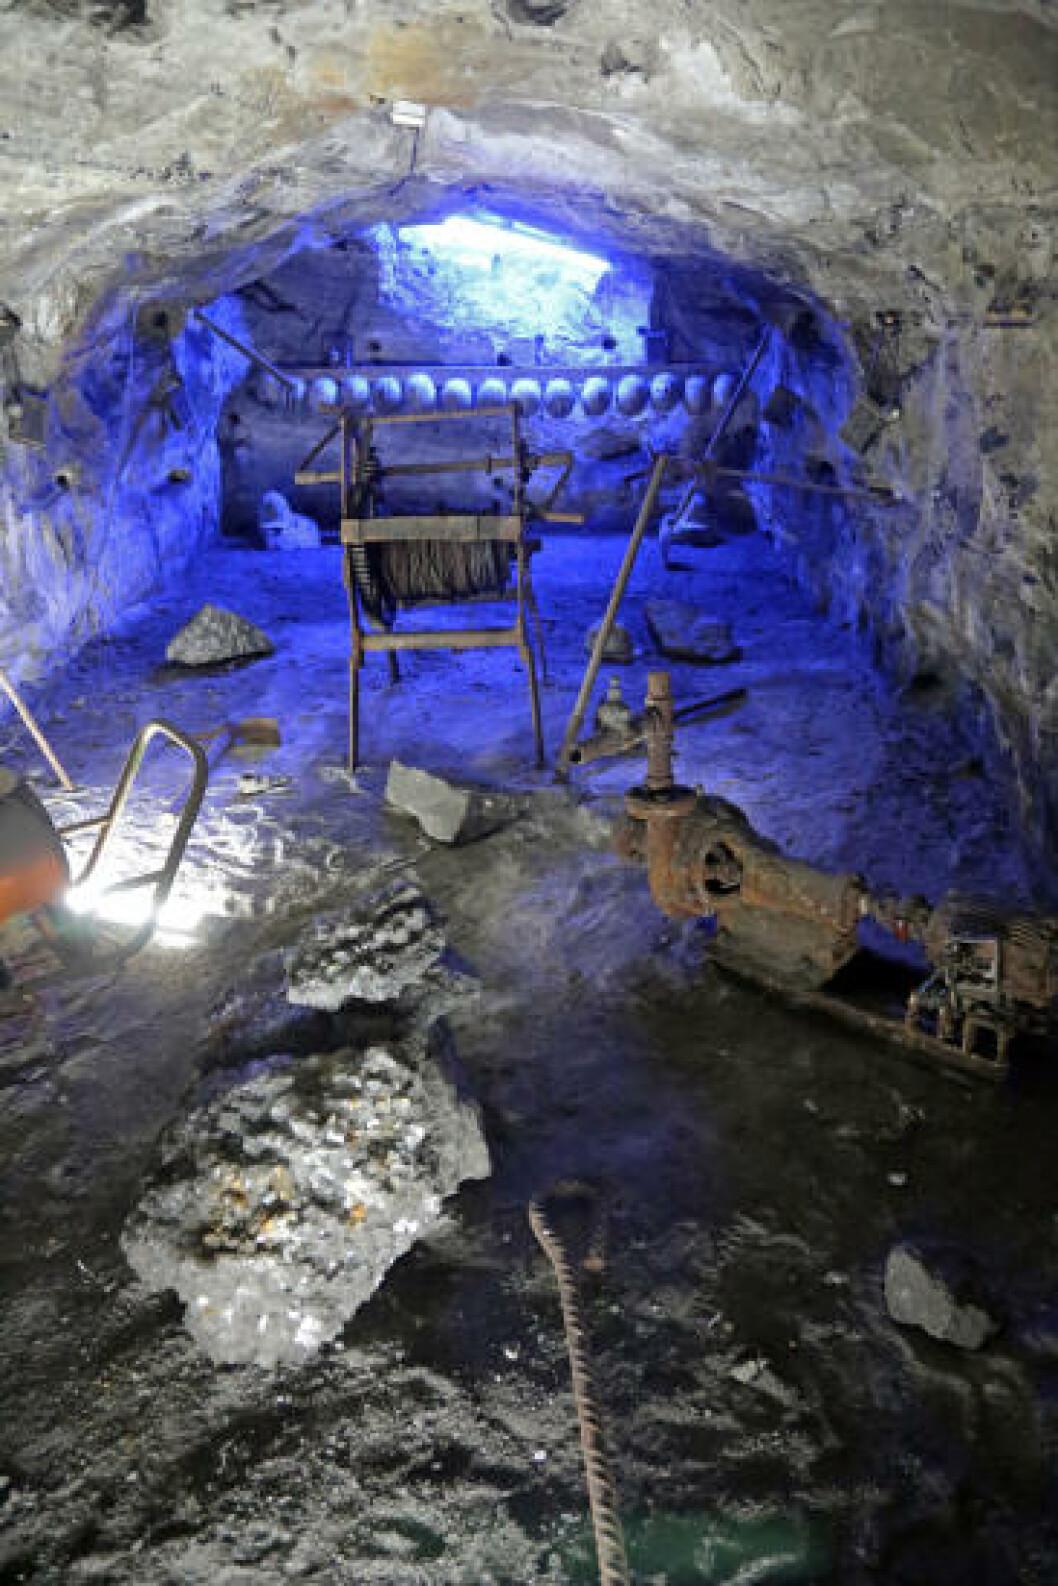 <strong>HEDRES:</strong> I en autentisk, gammel gruvesjakt er utstyr fra en svunnen tid plassert, slik at de besøkende får et innblikk i slitet som var i saltgruven. Foto: EIVIND PEDERSEN